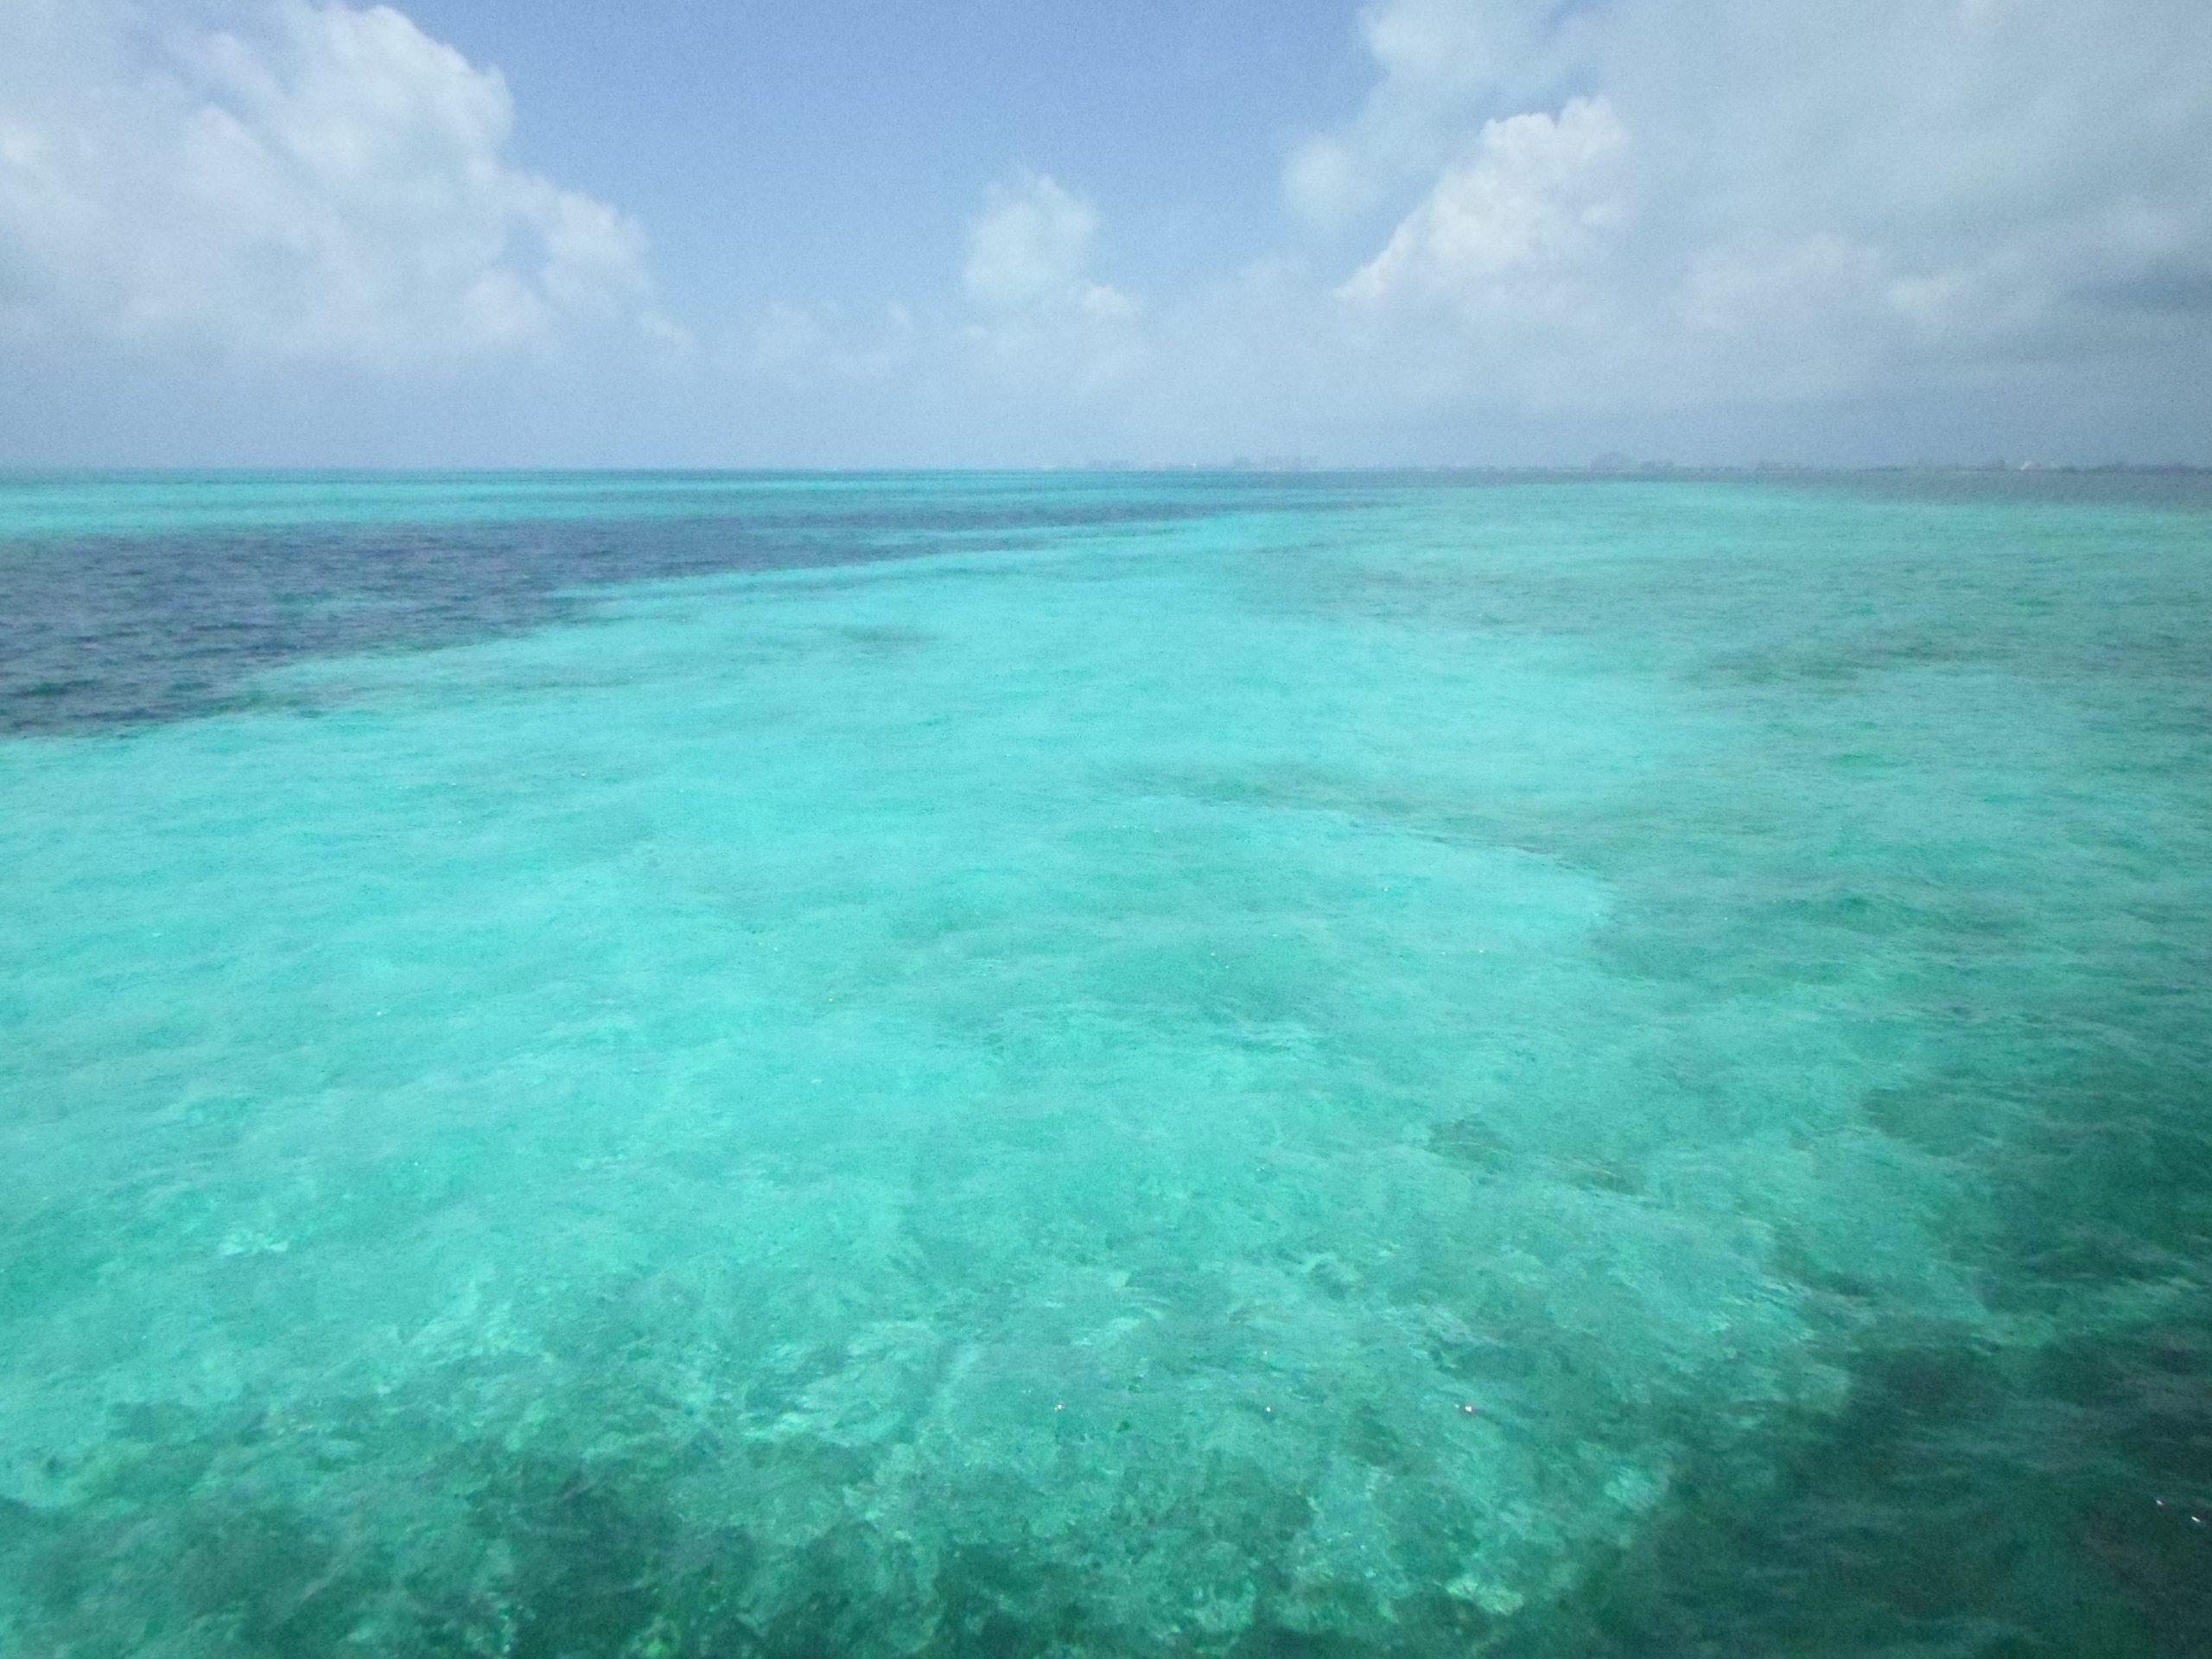 Vacías Y Limpias Se Presentan Las Playas De México Por La Cuarentena